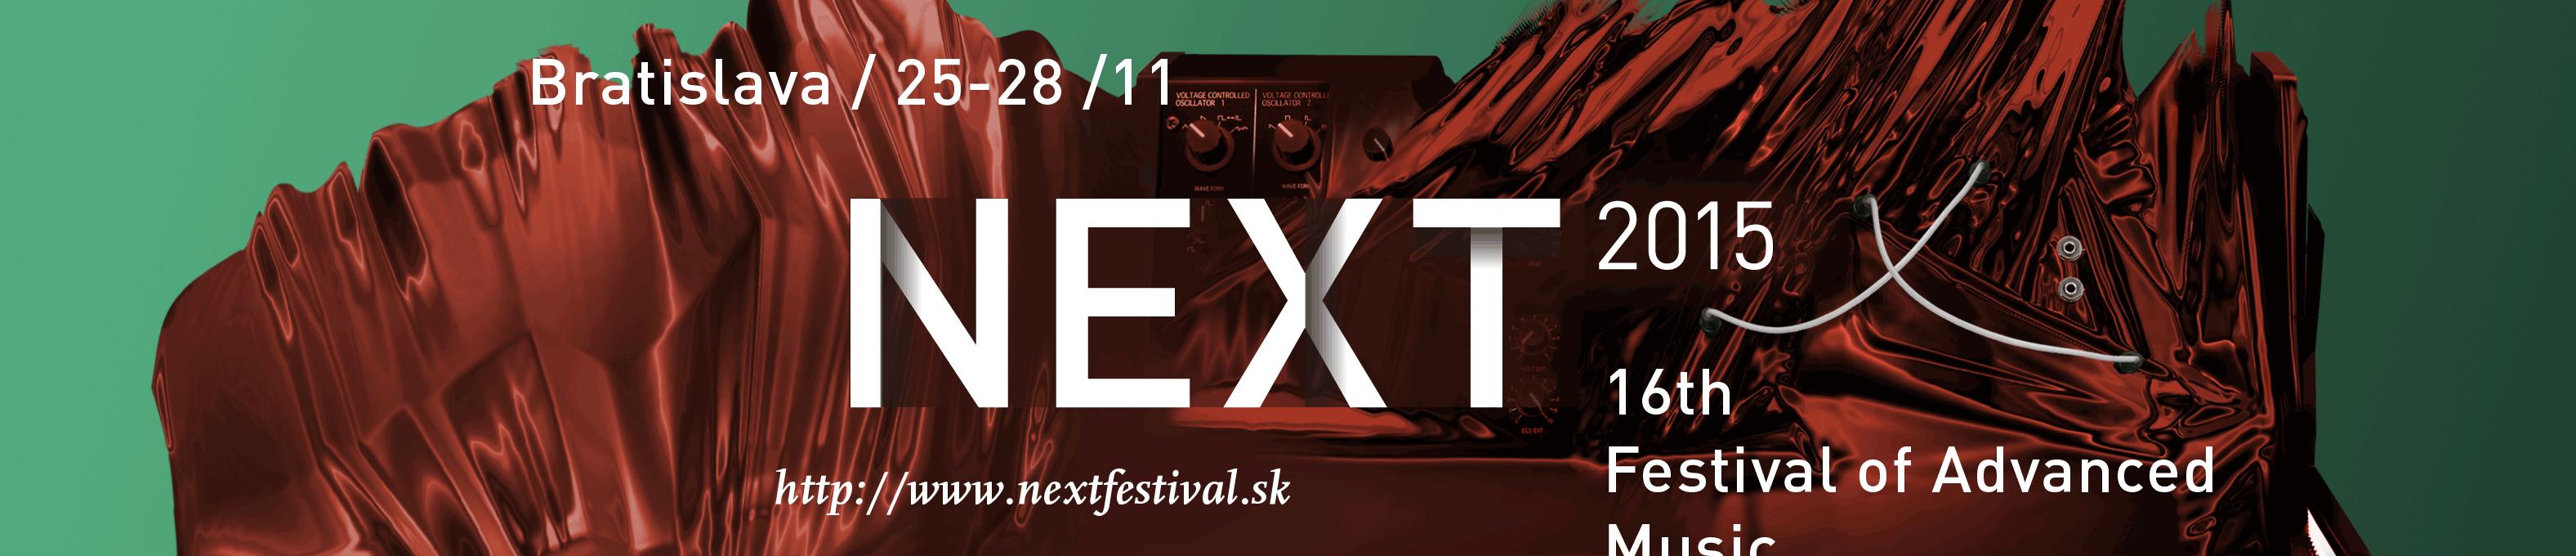 Festival Next príde opäť s tým najlepším zo súčasnej experimentálnej hudby